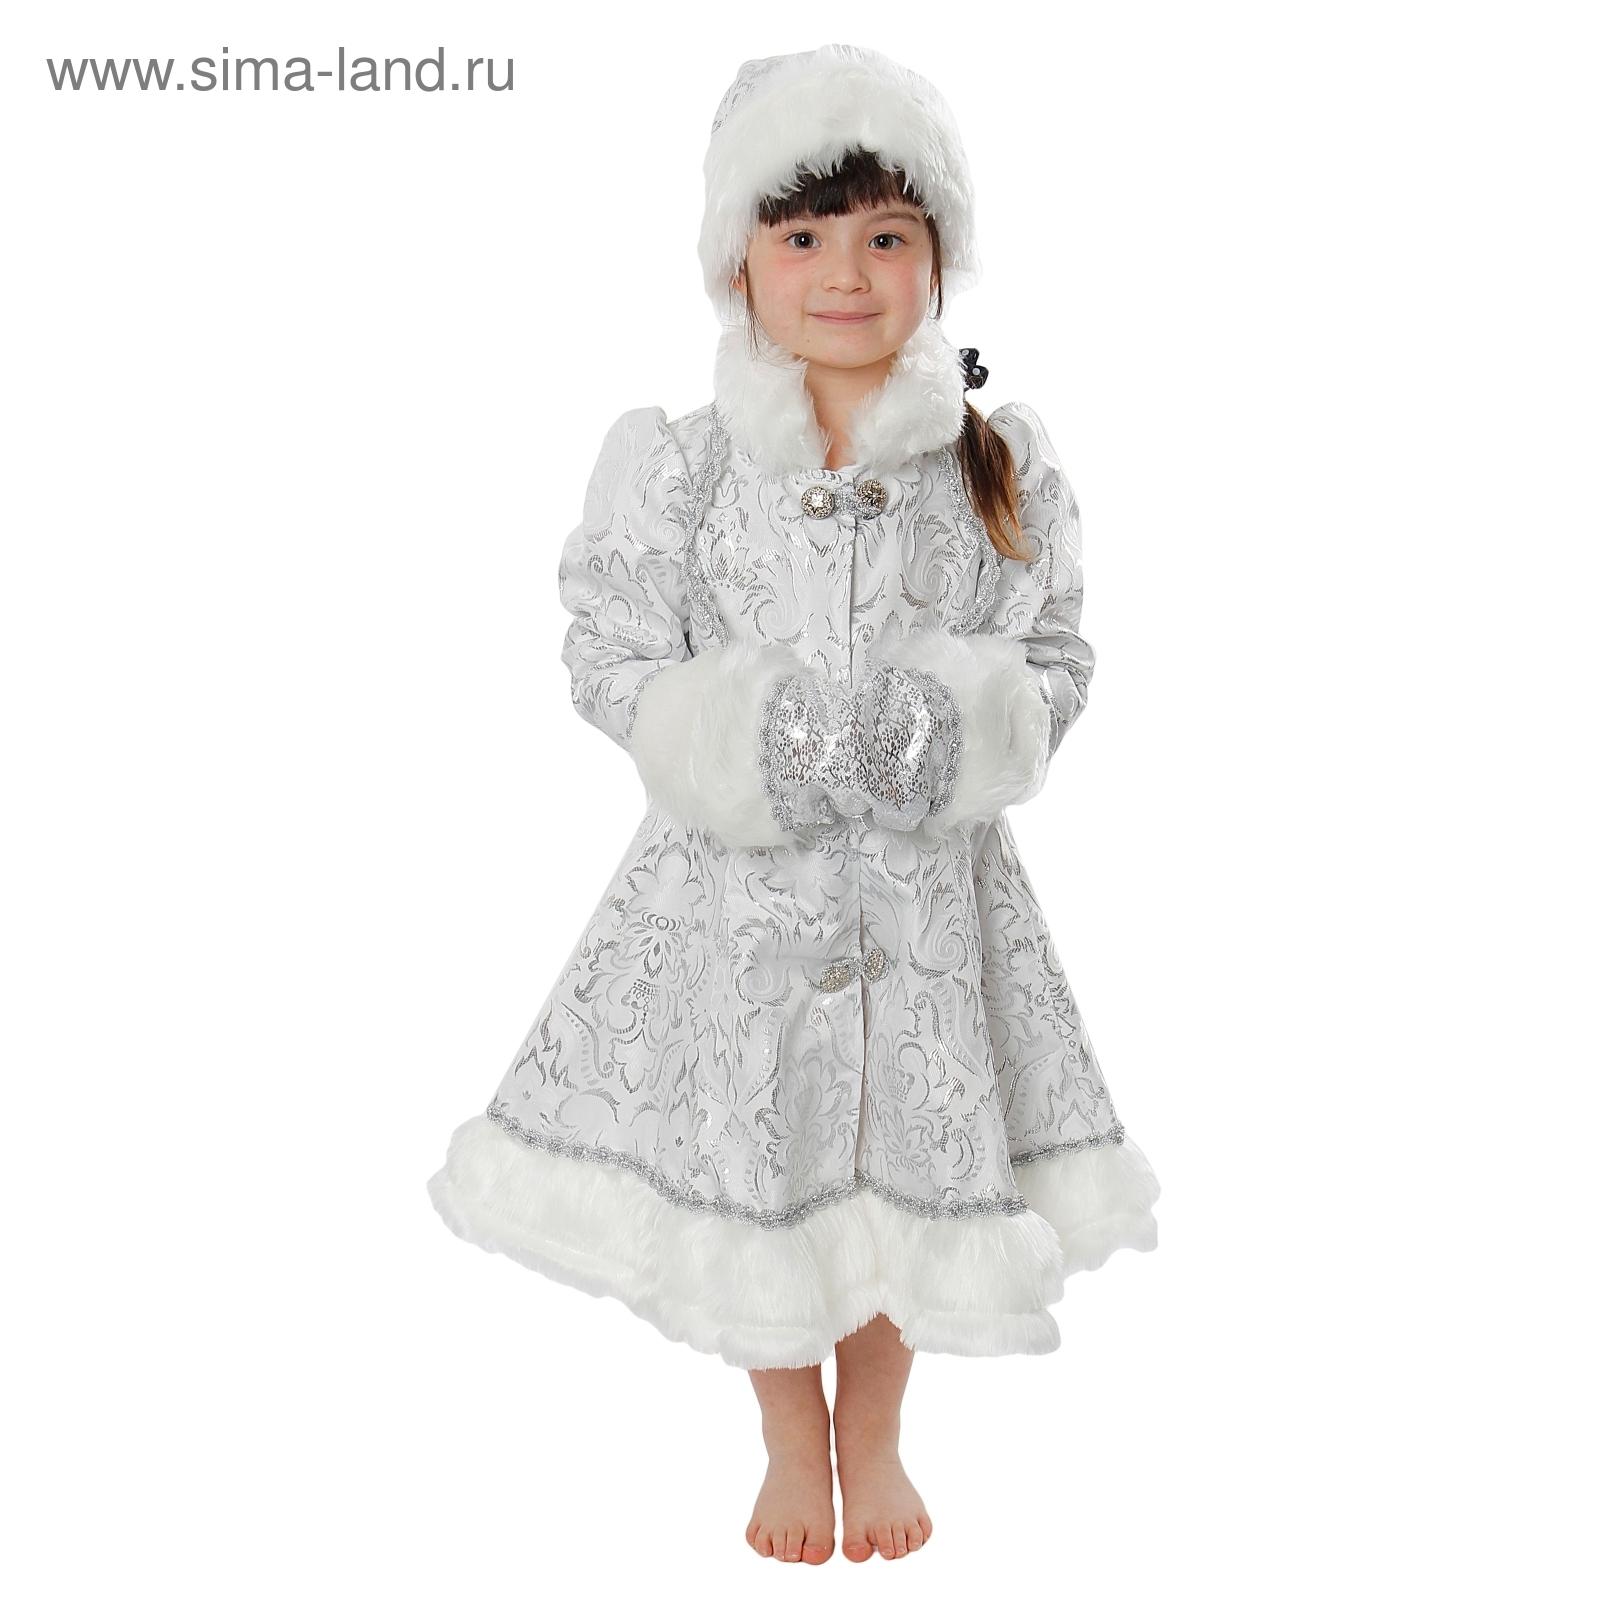 Детский карнавальный костюм «Снегурочка хрустальная» 0390c6598ae69